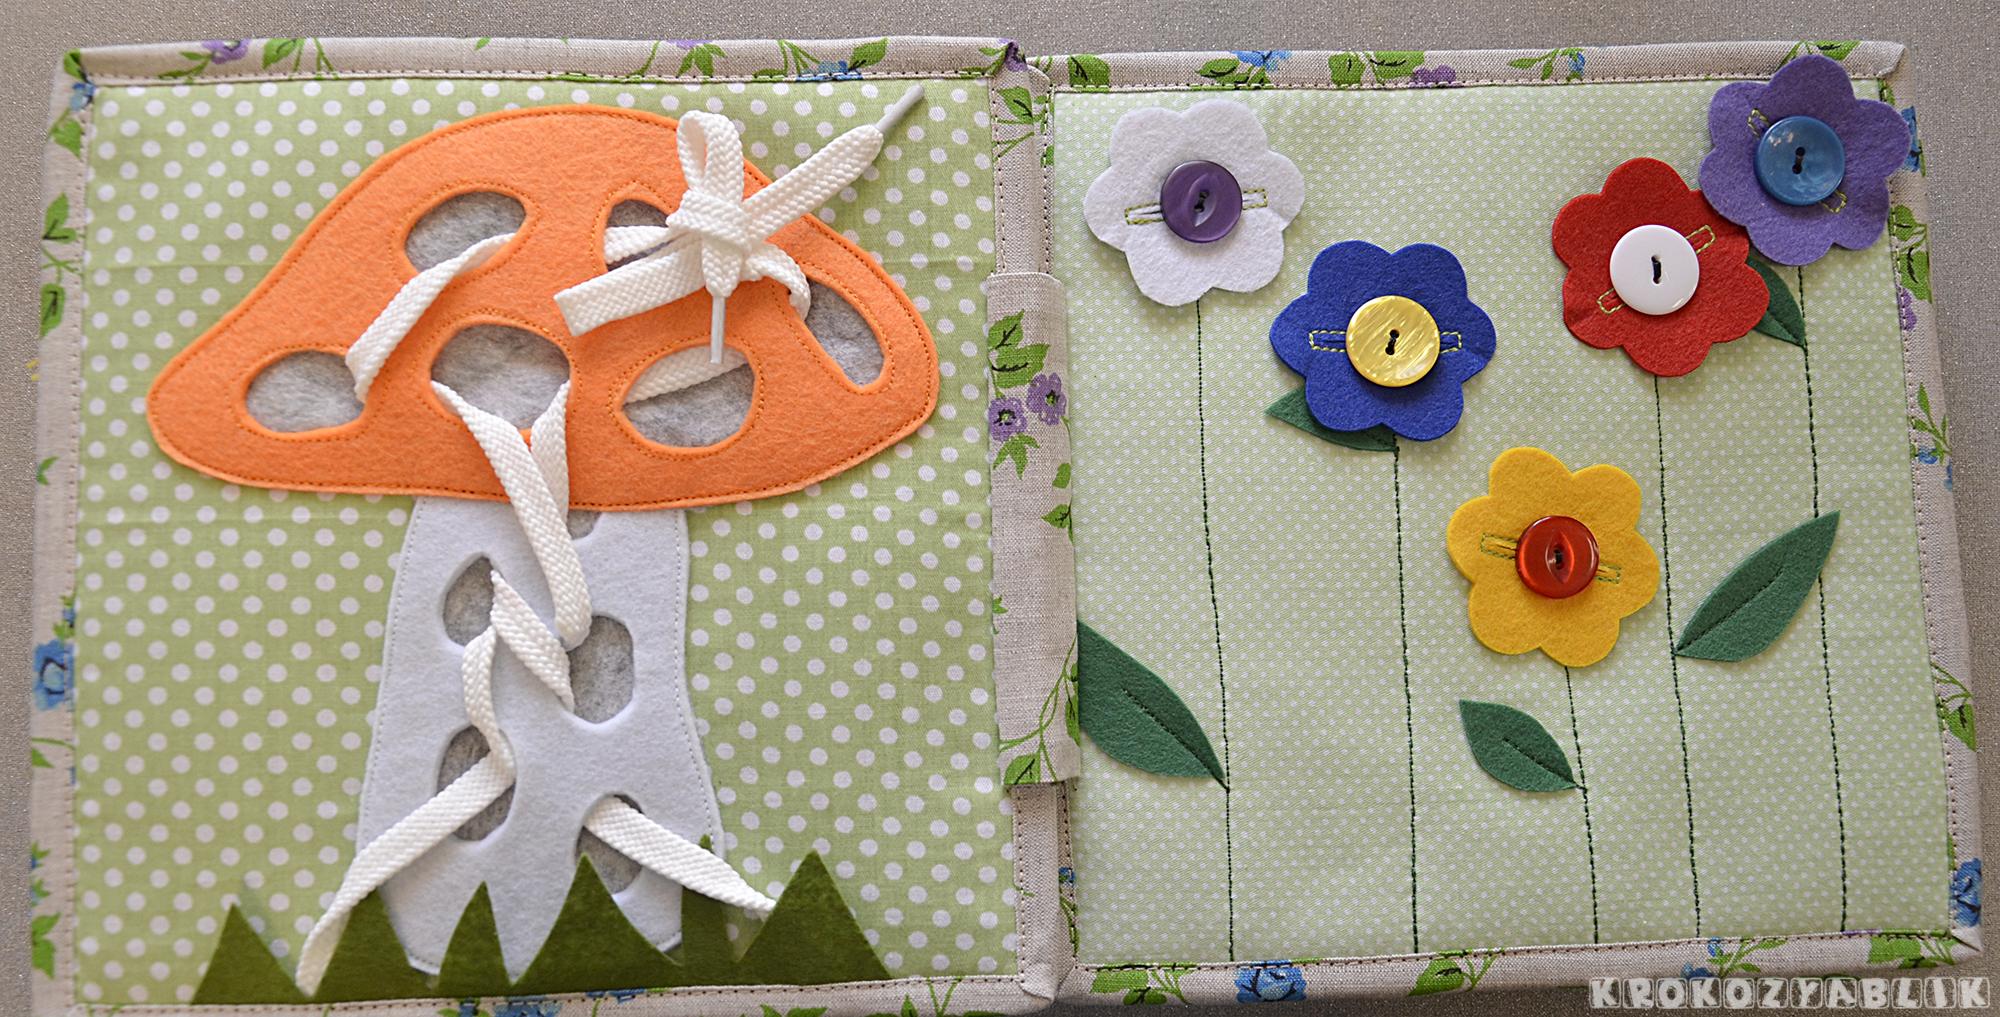 книжка для малышки гриб шнуровка цветочки пуговки.JPG